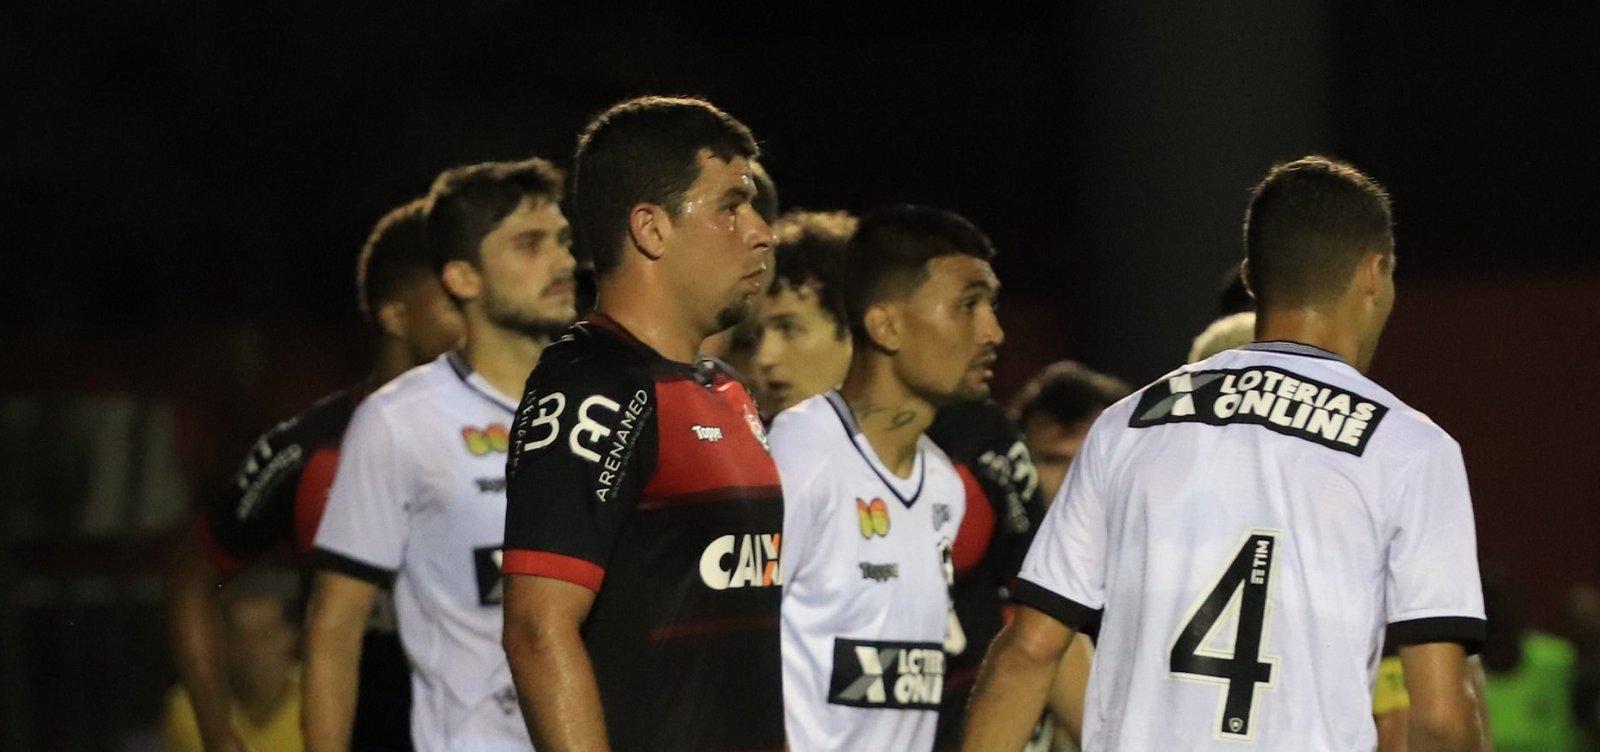 'Não adianta lutar até o fim e sair perdendo', diz André Lima após derrota